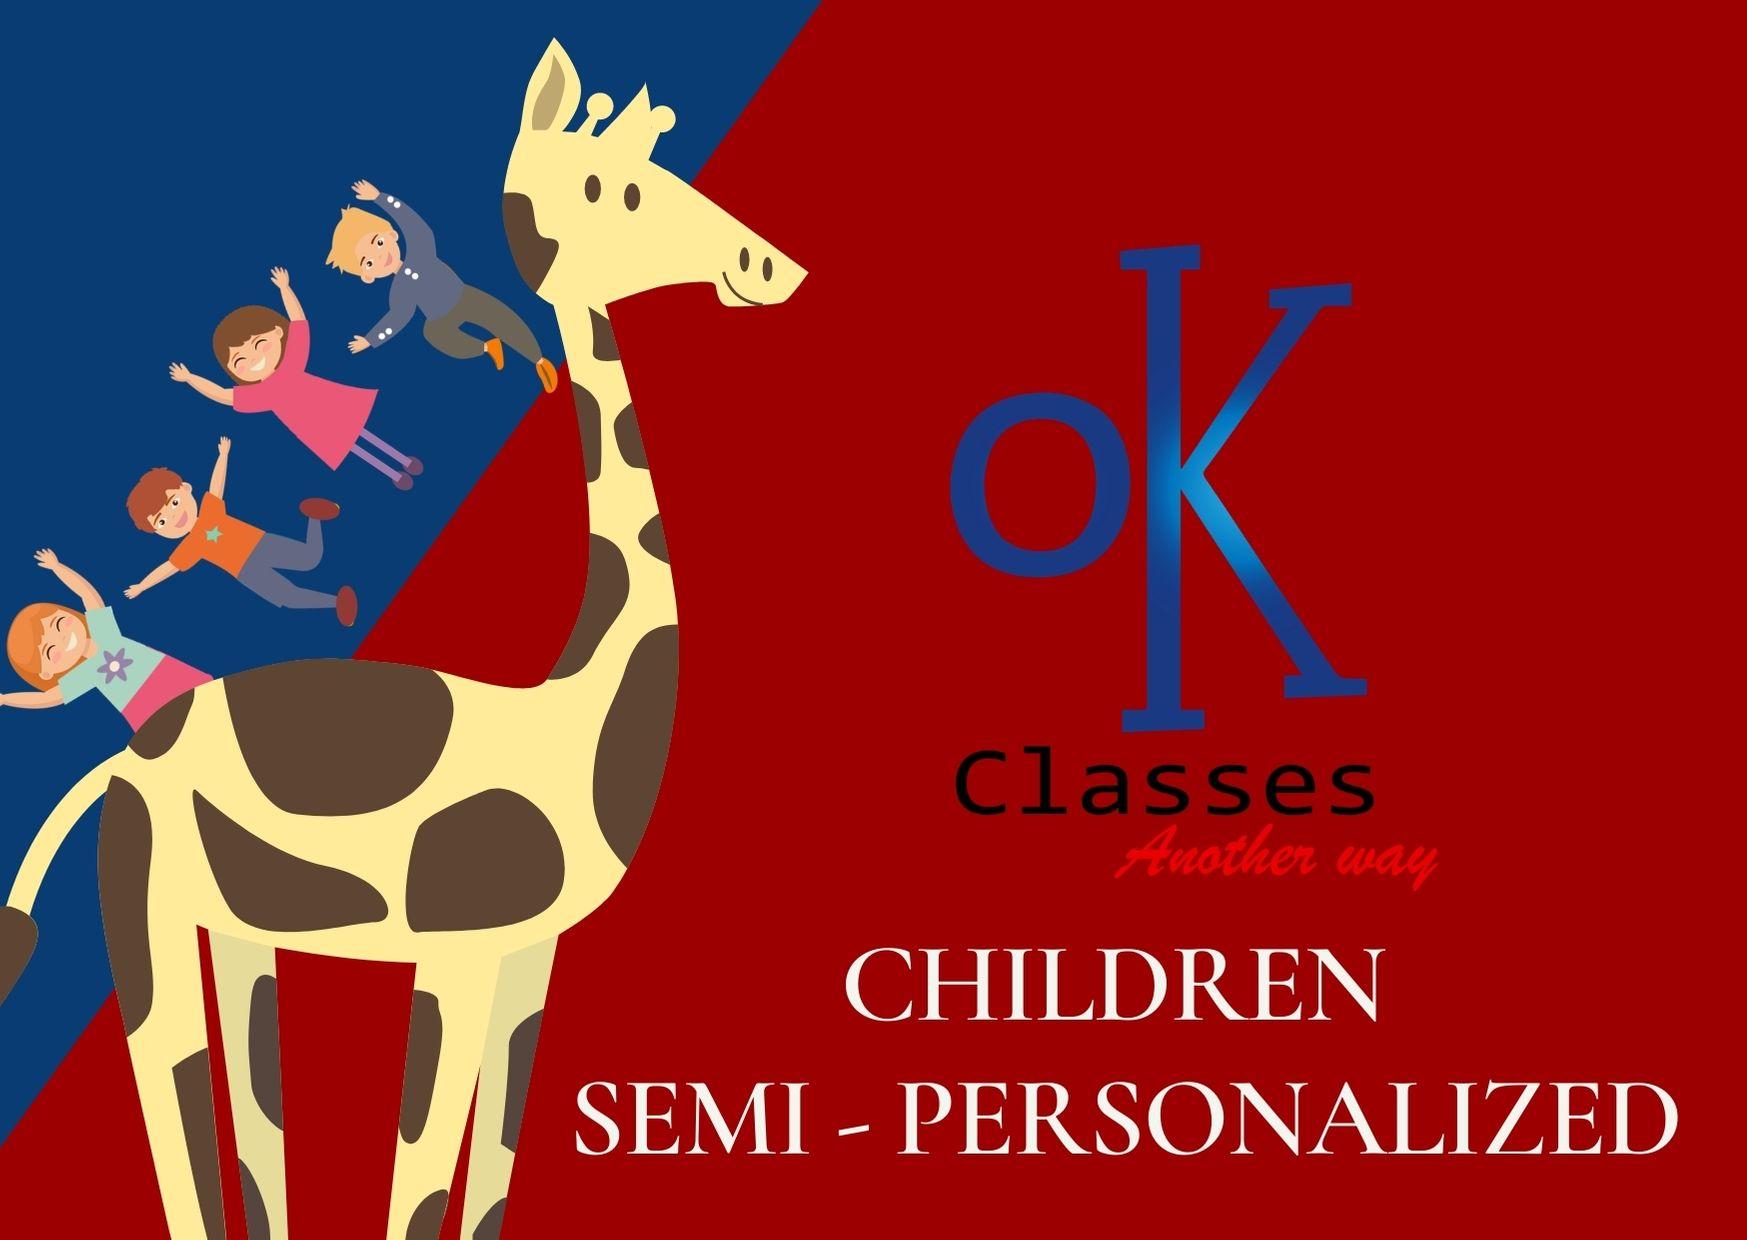 Ok Classes Semi-Personalized Children